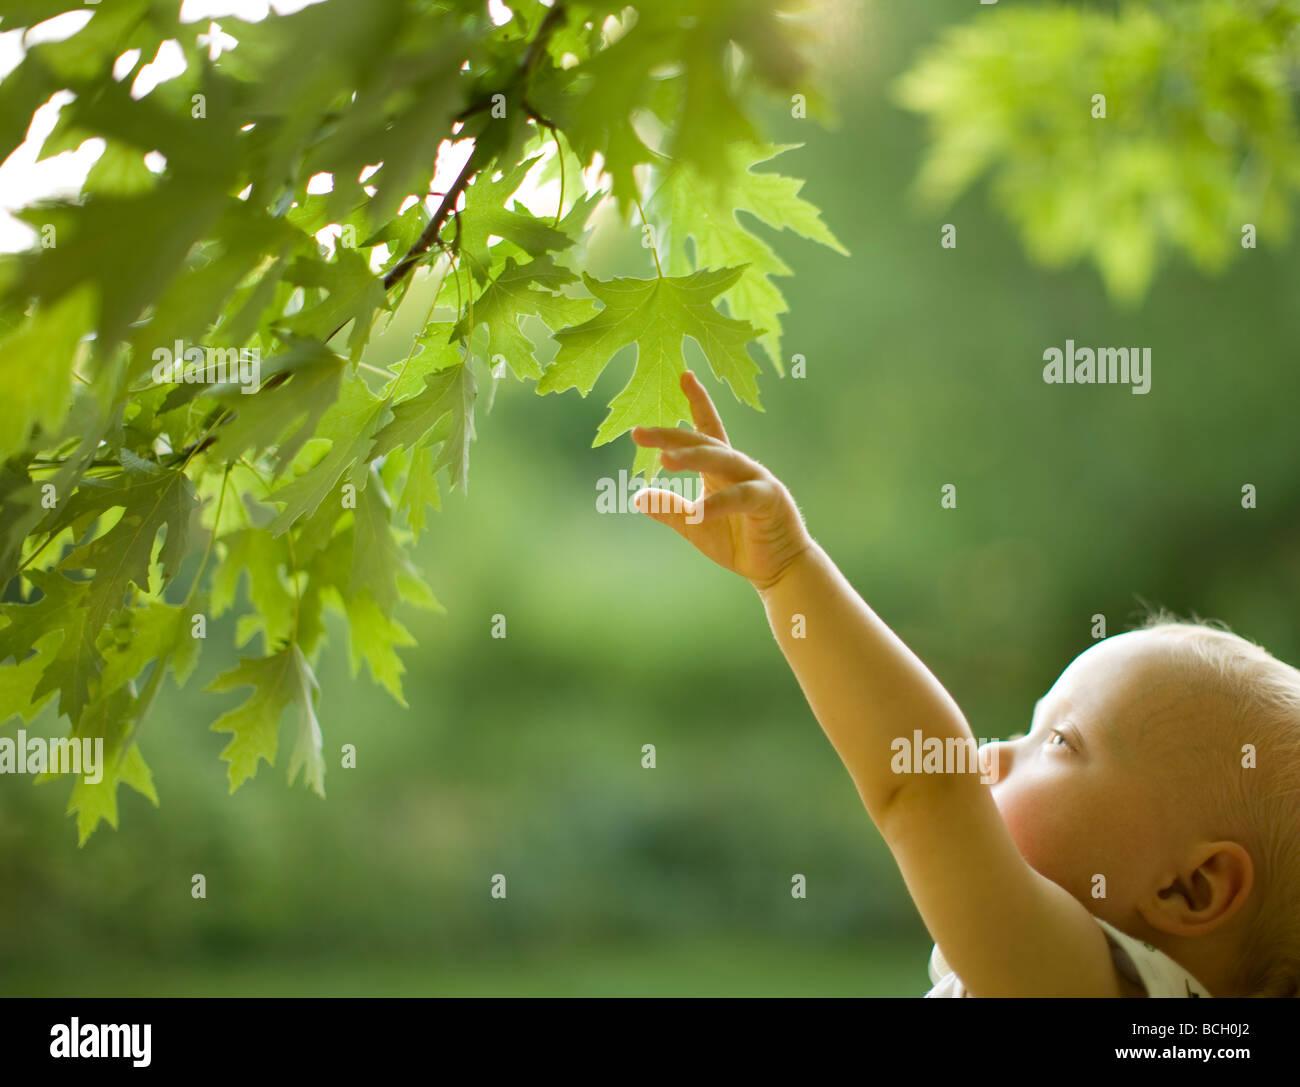 Baby-jungen erreichen für Blätter an einem Baum Stockfoto